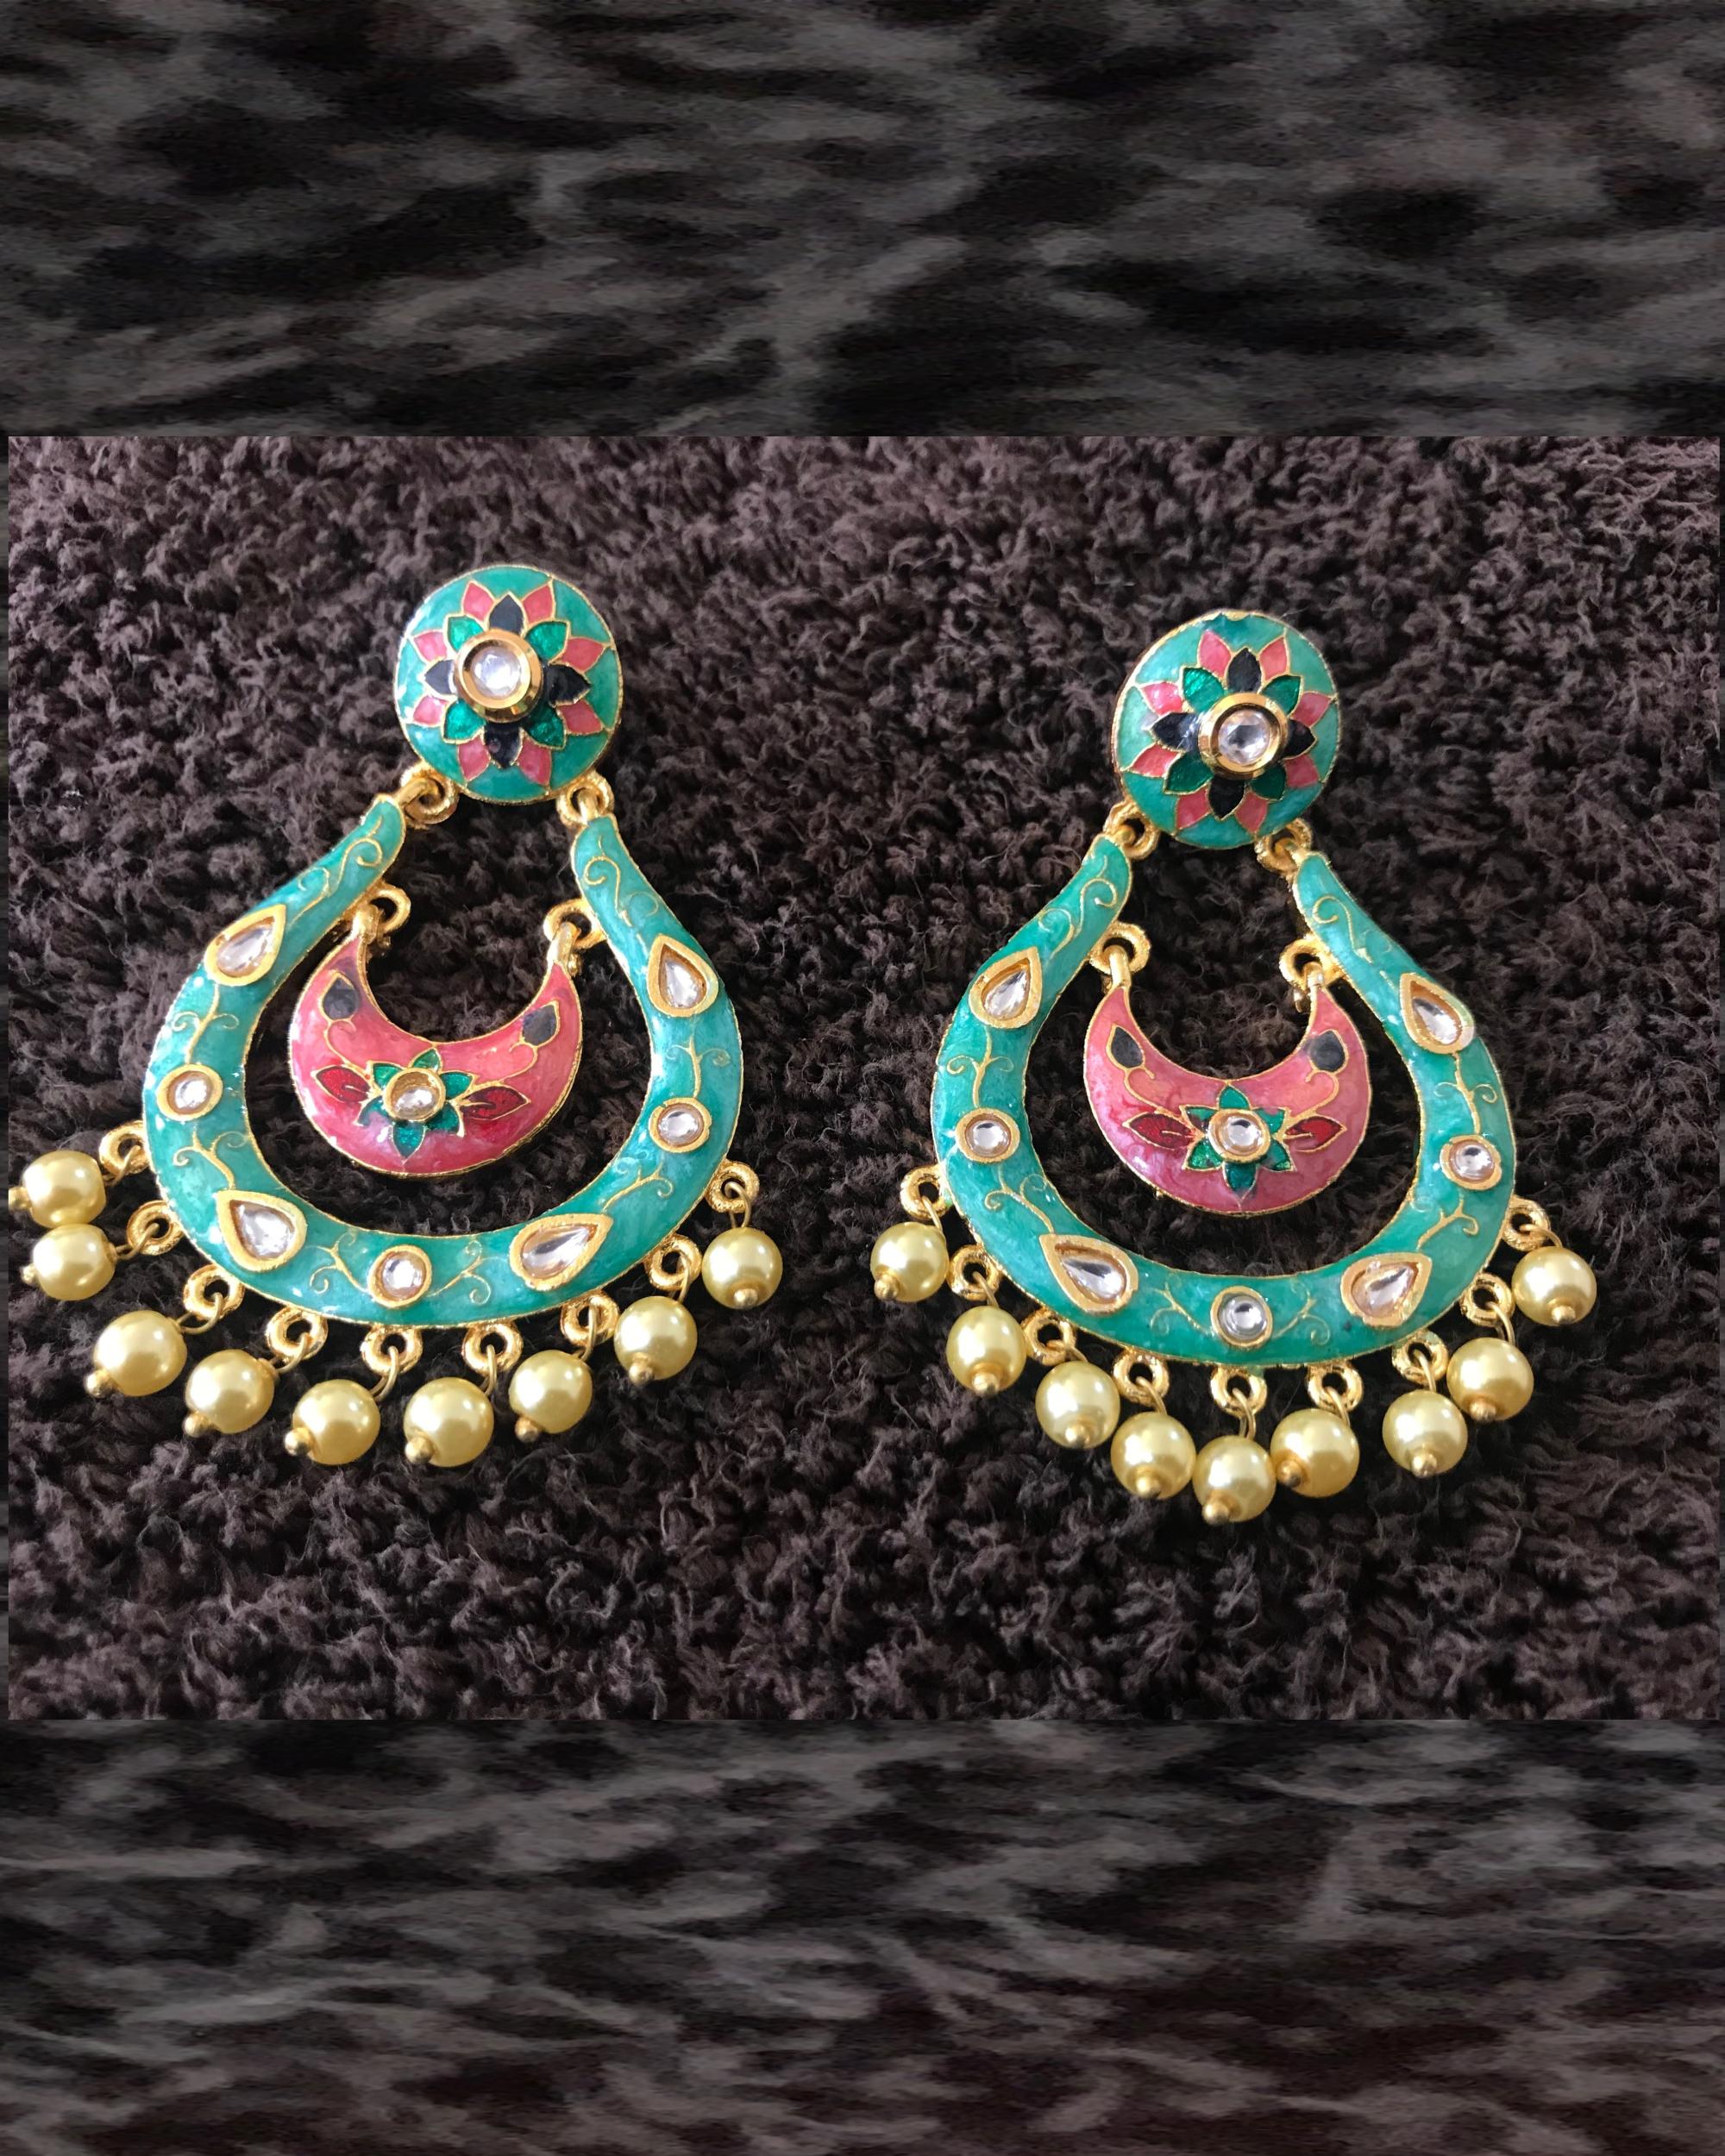 Turquoise Studded Chandbalis